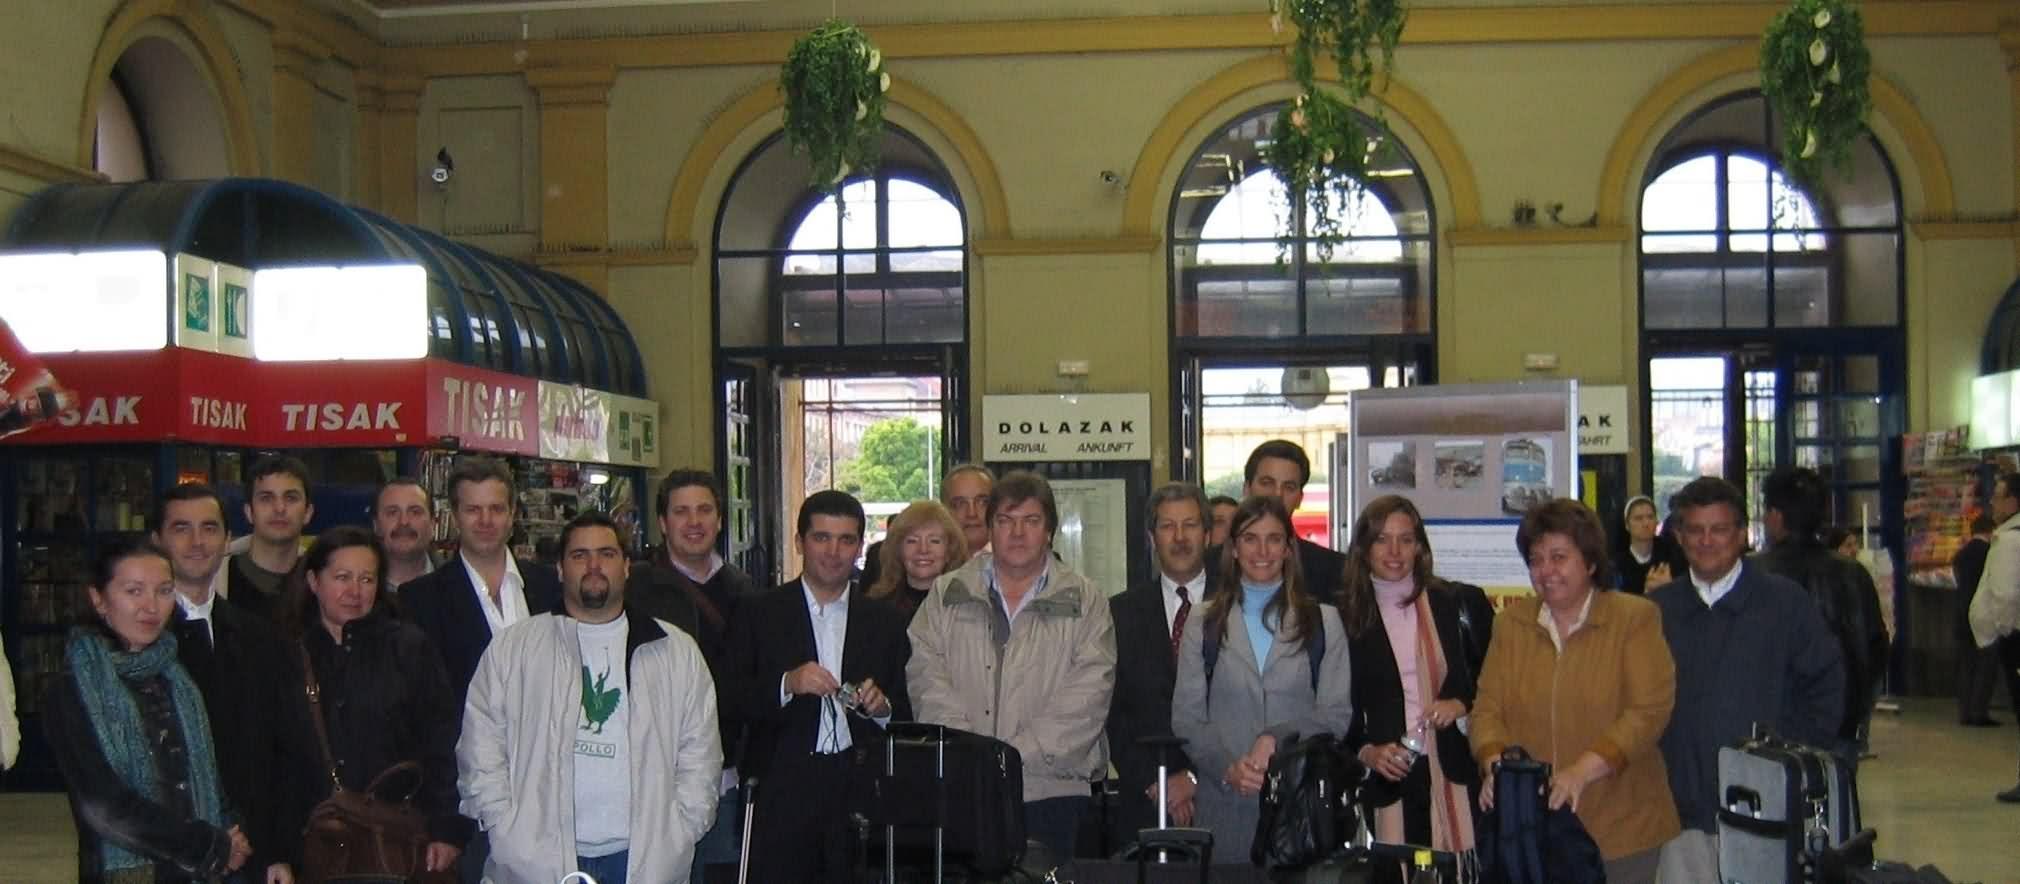 2004 Misión Comercial a Austria, Croacia, Eslovenia y Eslovaquia